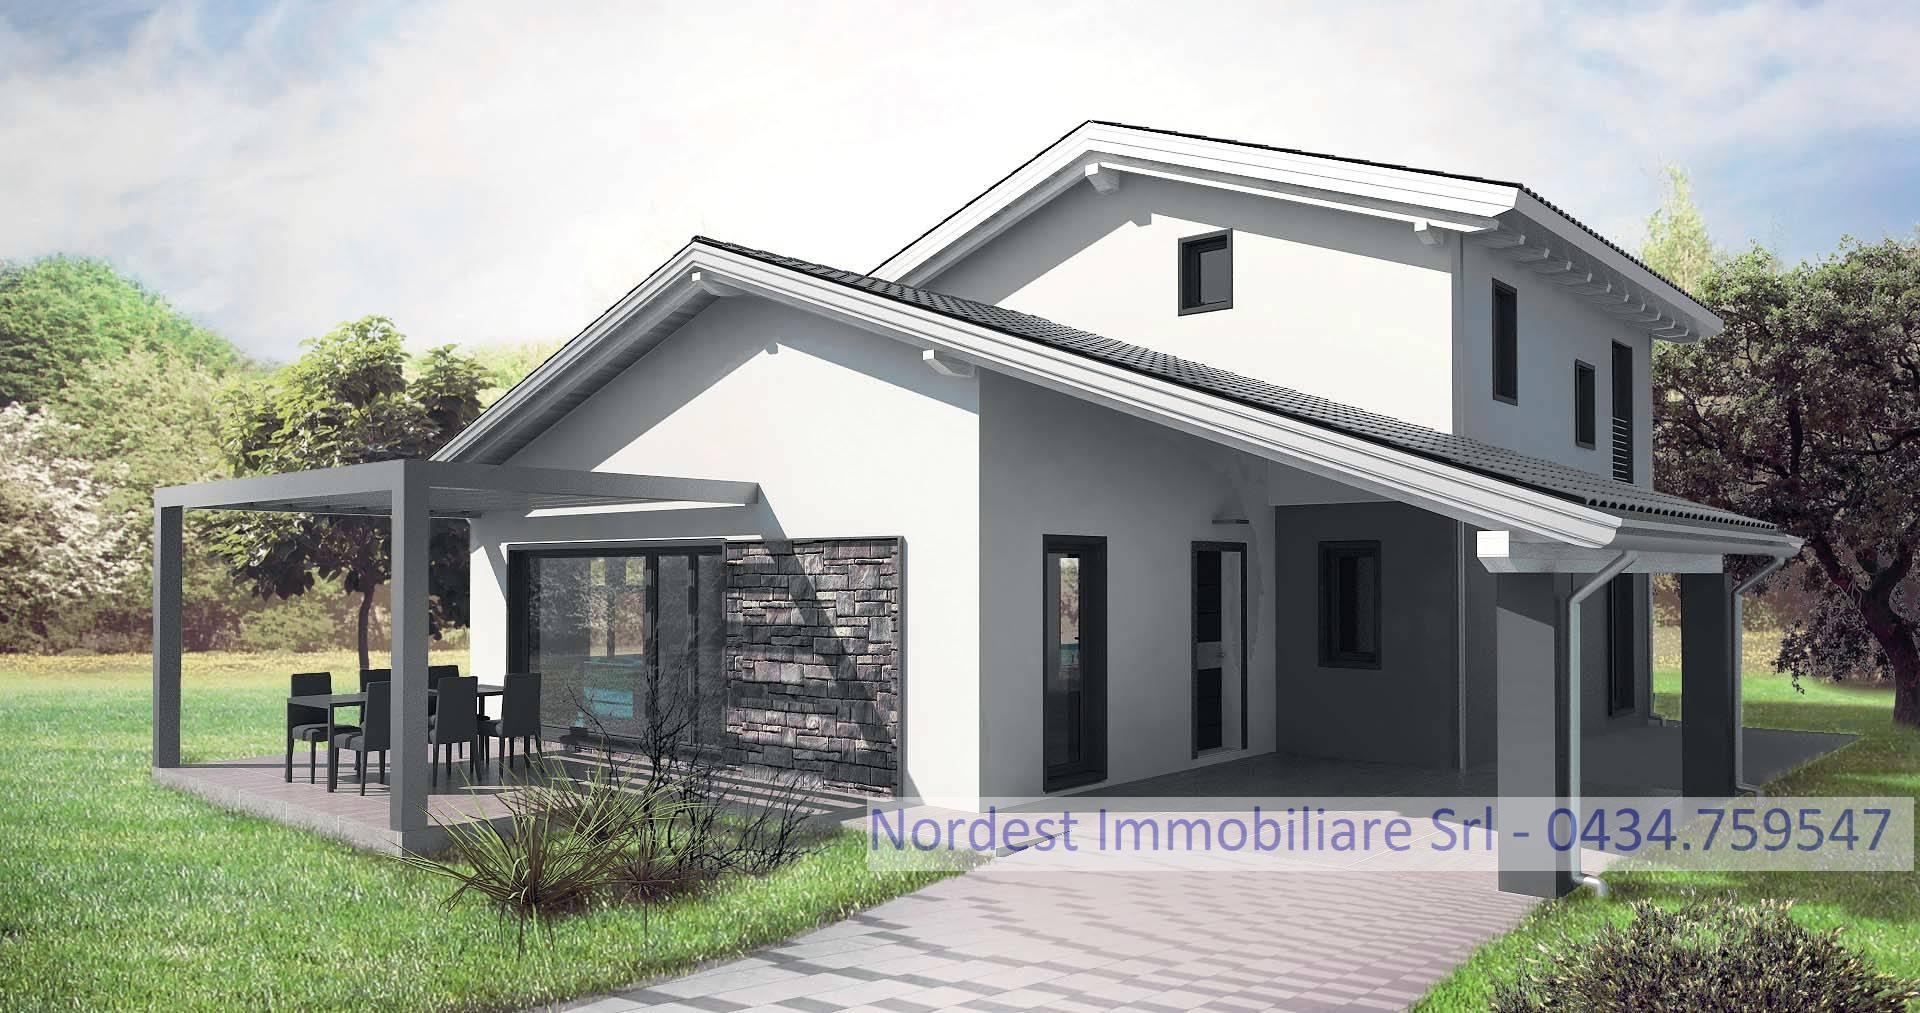 Soluzione Indipendente in vendita a Carpenedolo, 6 locali, prezzo € 160.000 | PortaleAgenzieImmobiliari.it